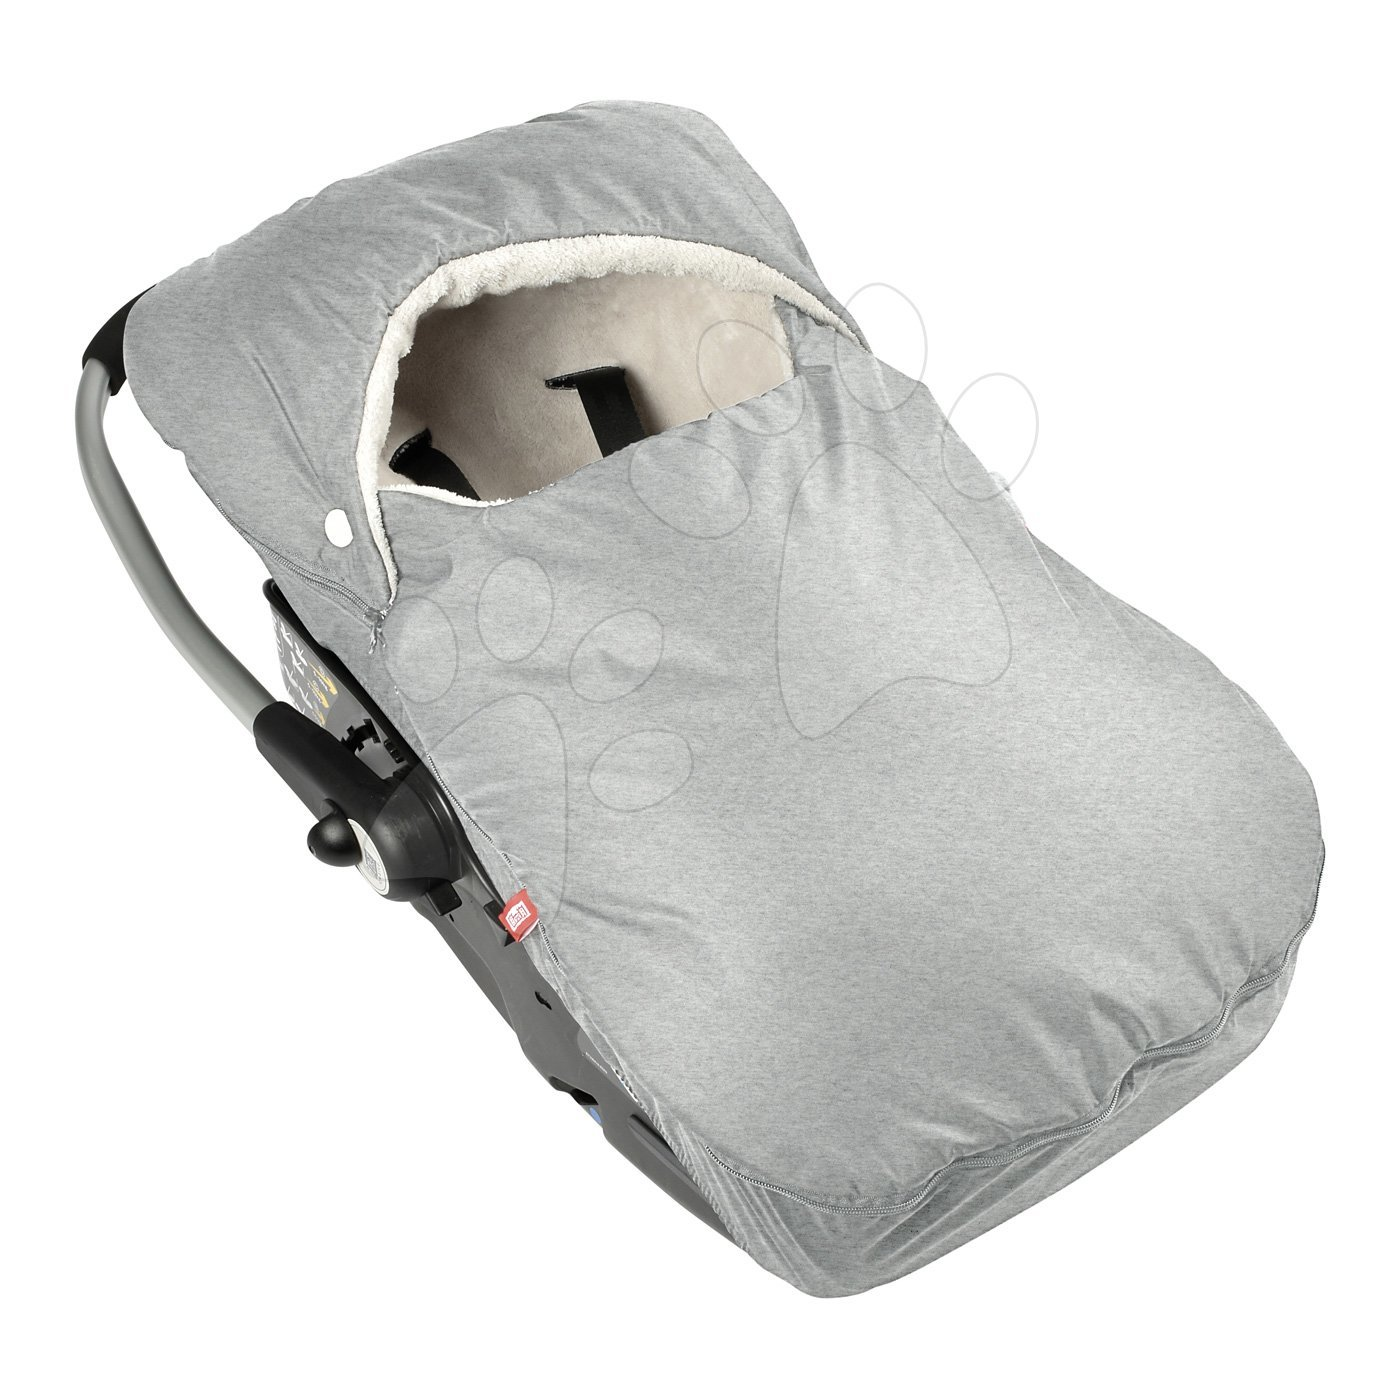 Fusak do autosedačky Red Castle od 0-12 mesiacov extra teplý pohodlný vzdušný nepremokavý šedý